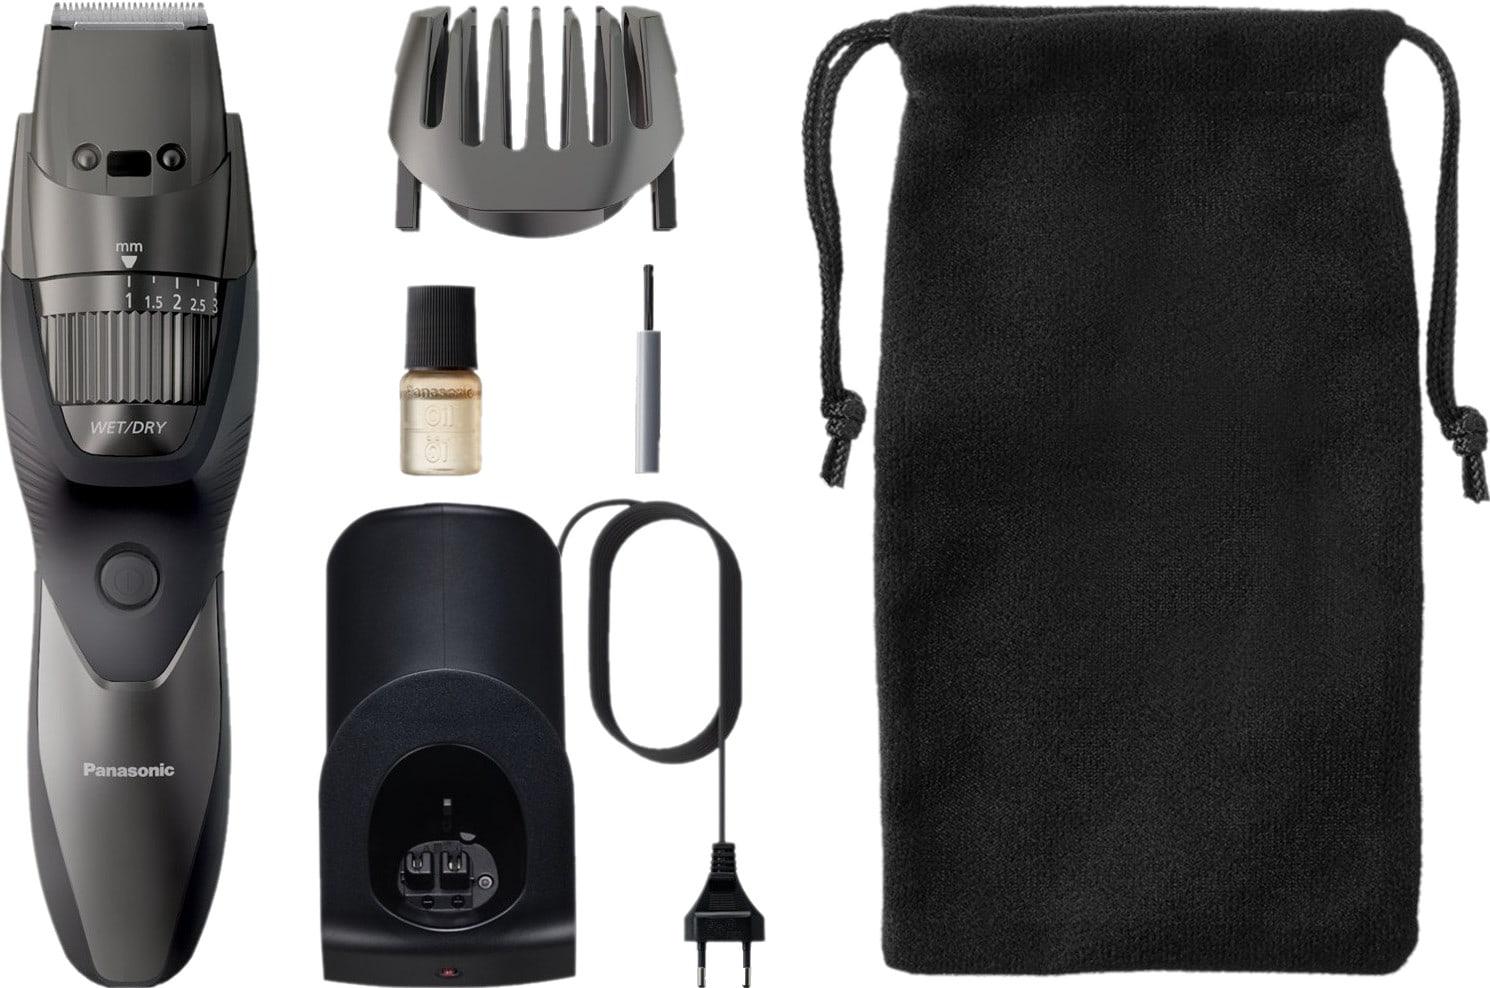 Panasonic baardtrimmer met accessoires, bovenaanzicht